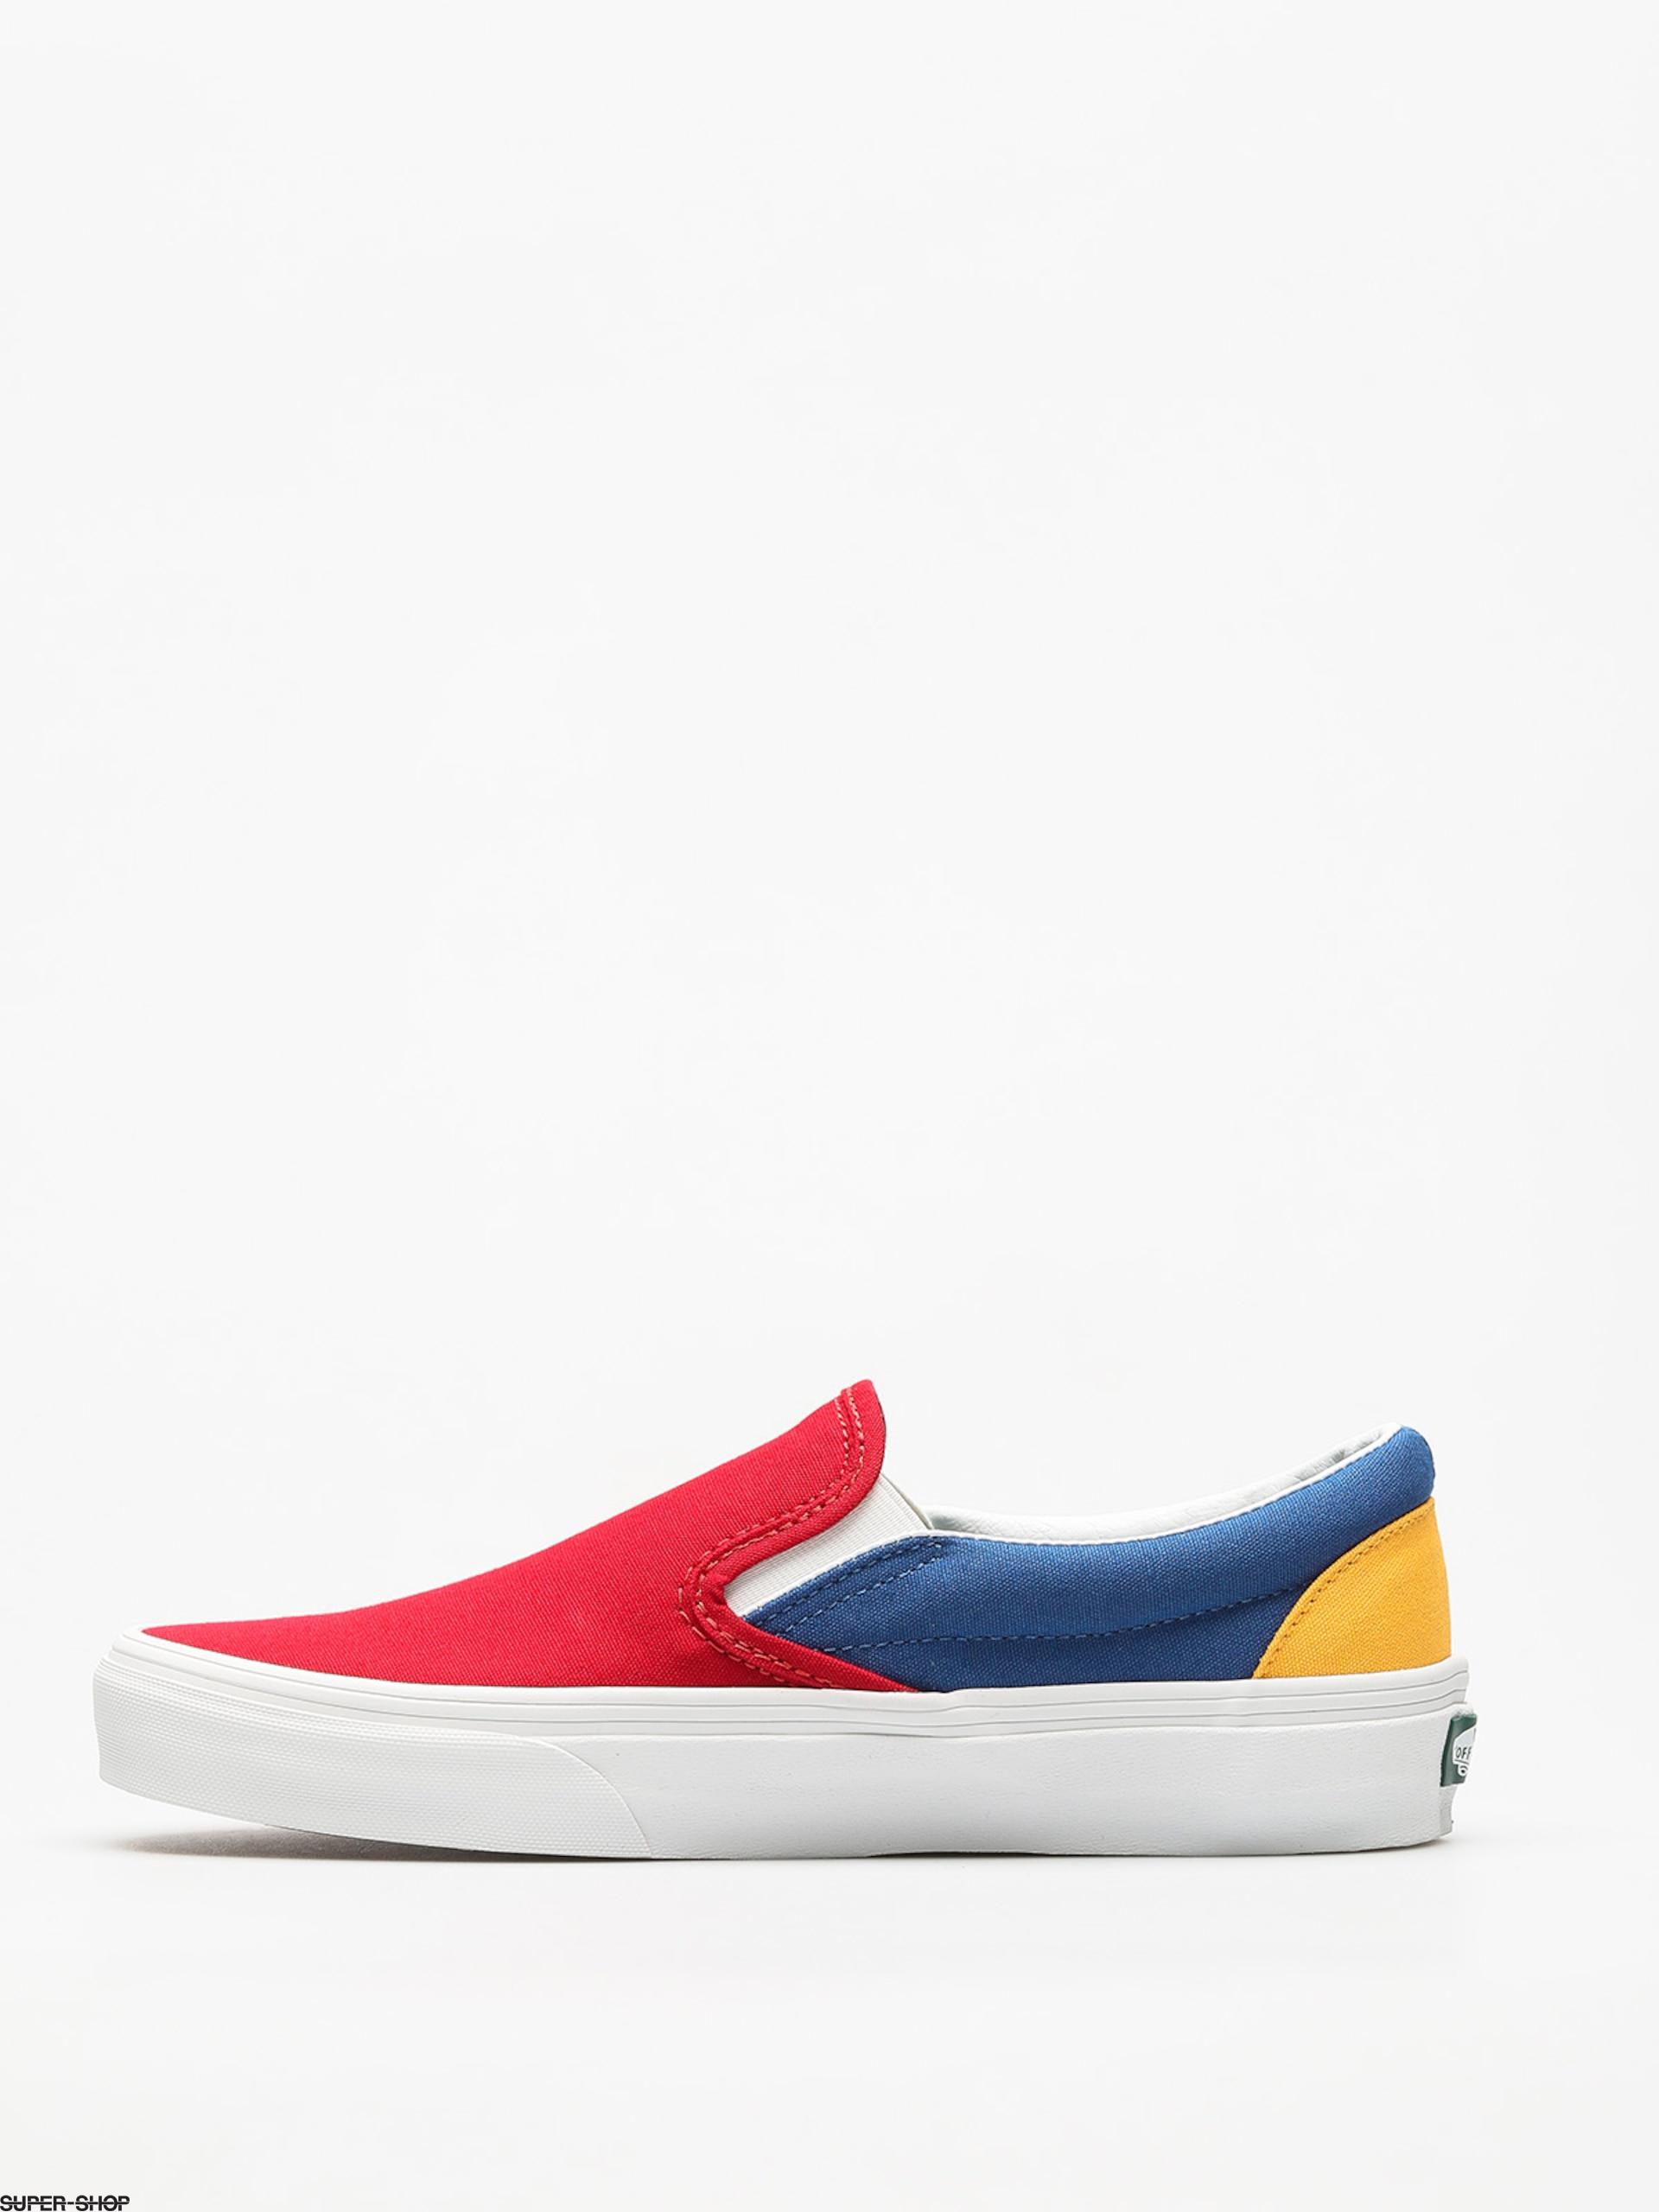 Vans Shoes Classic Slip On (vans/yacht